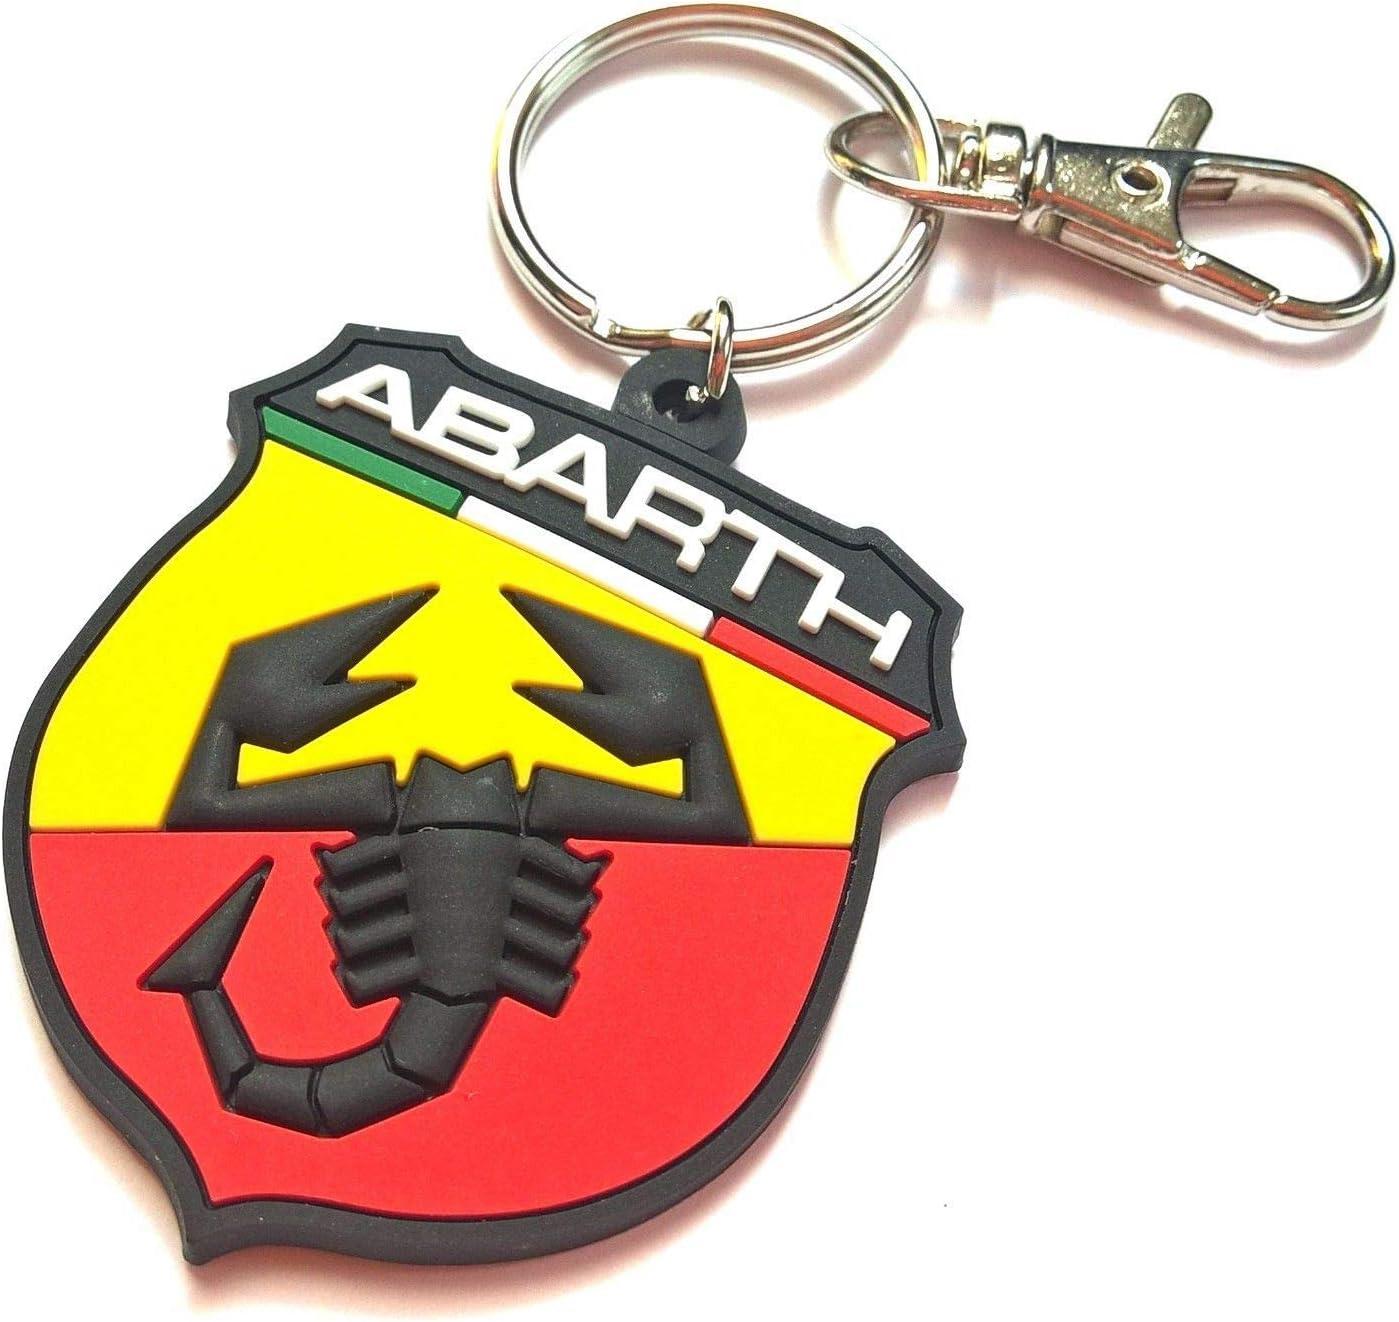 Freeco Fiat Abarth Schlüsselanhänger Aus Gummi 500 595 Zubehör Auto